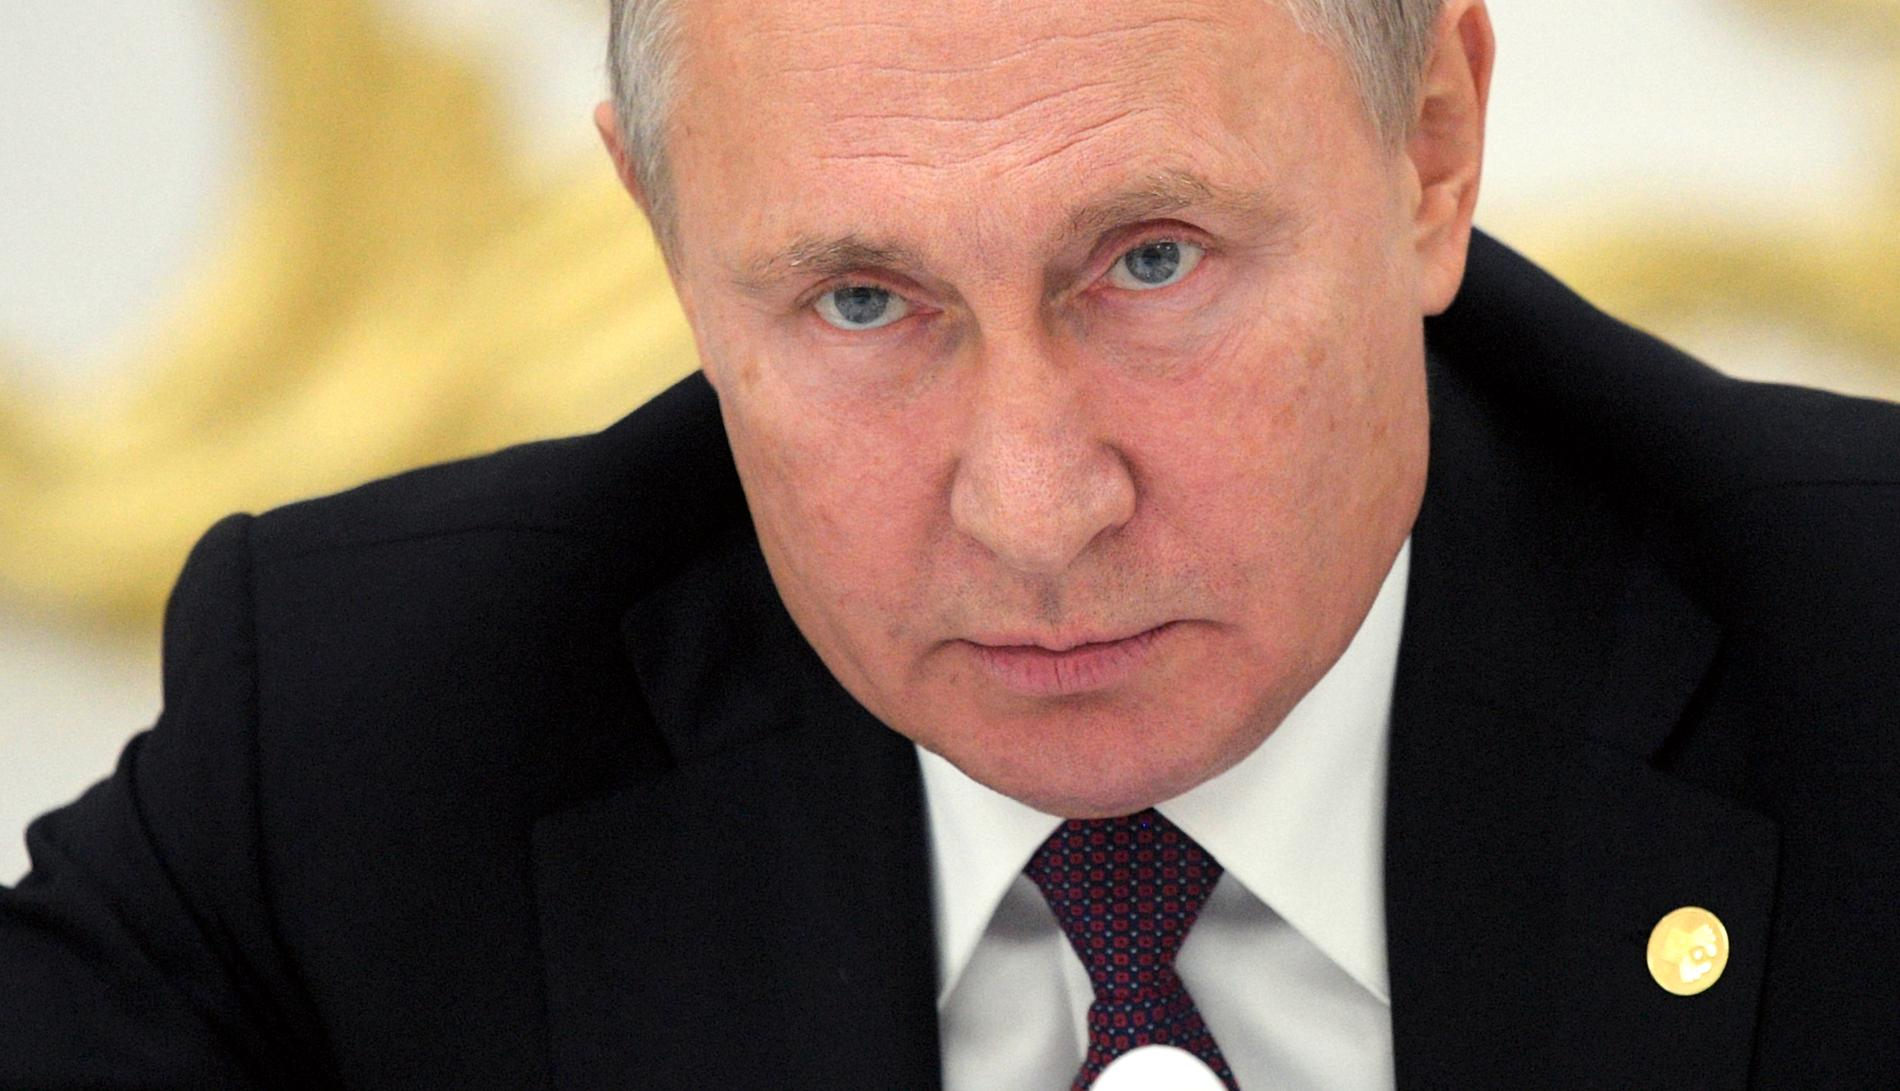 Rysslands president Vladimir Putin. Hultqvist pekar på ryska övningar i Sveriges närhet som en anledning til oro.